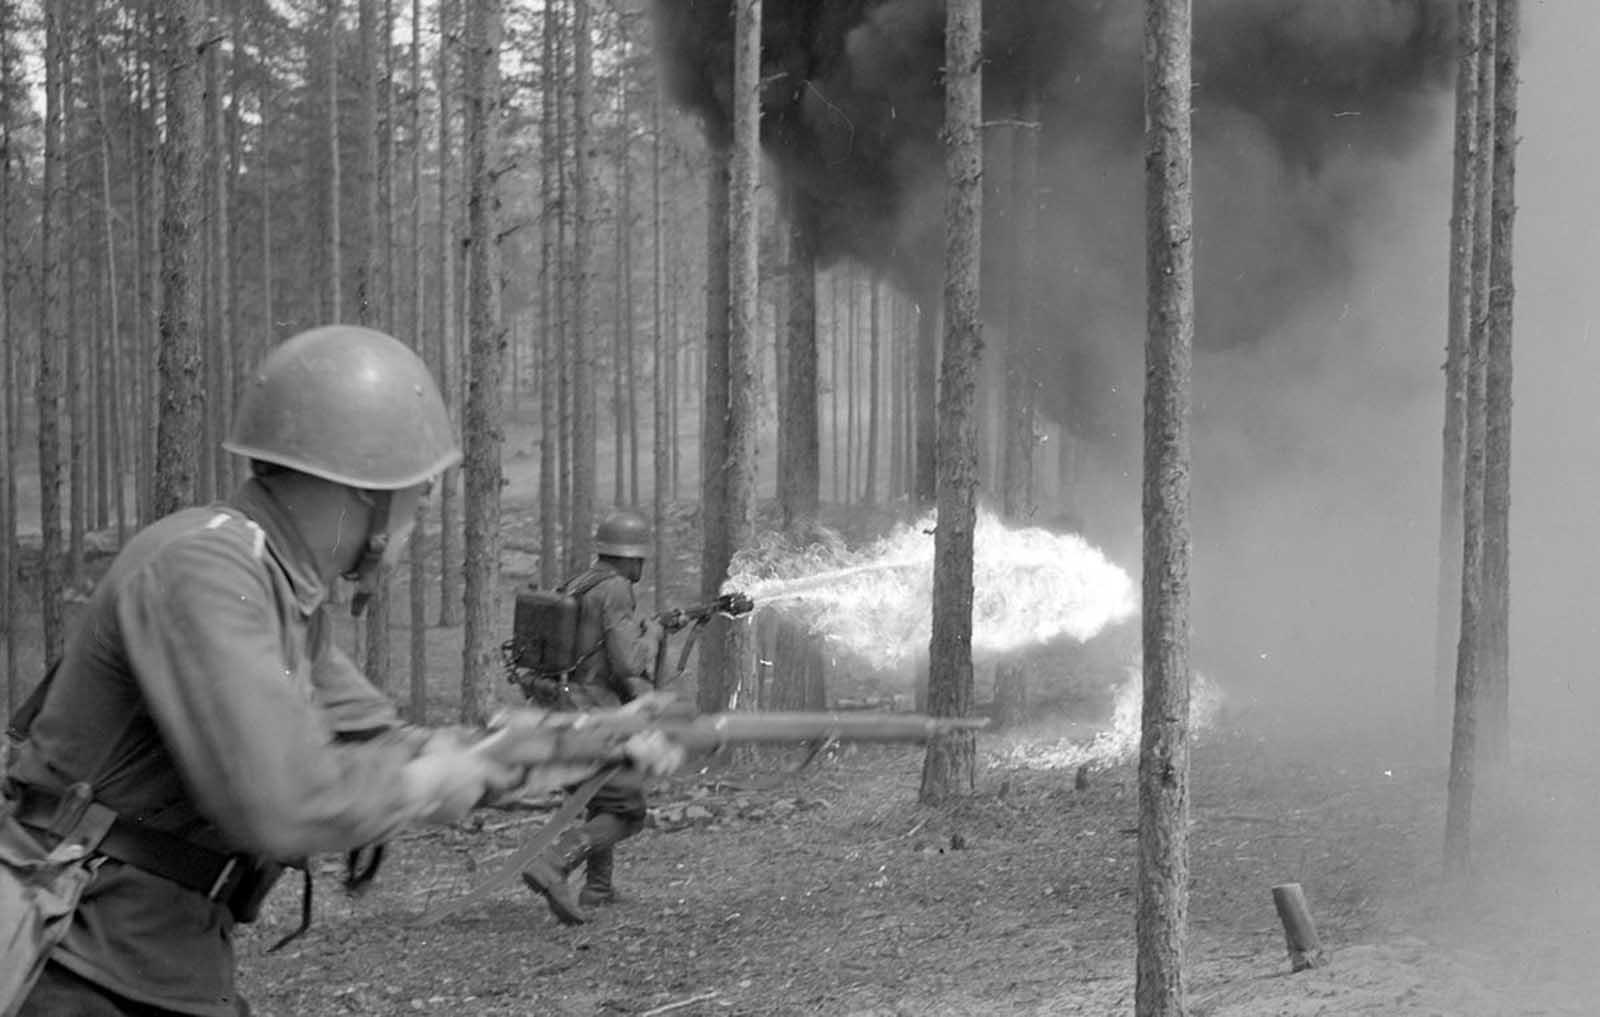 Lanzallamas en acción en los bosques cercanos al pueblo de Niinisalo, el 1 de julio de 1942.